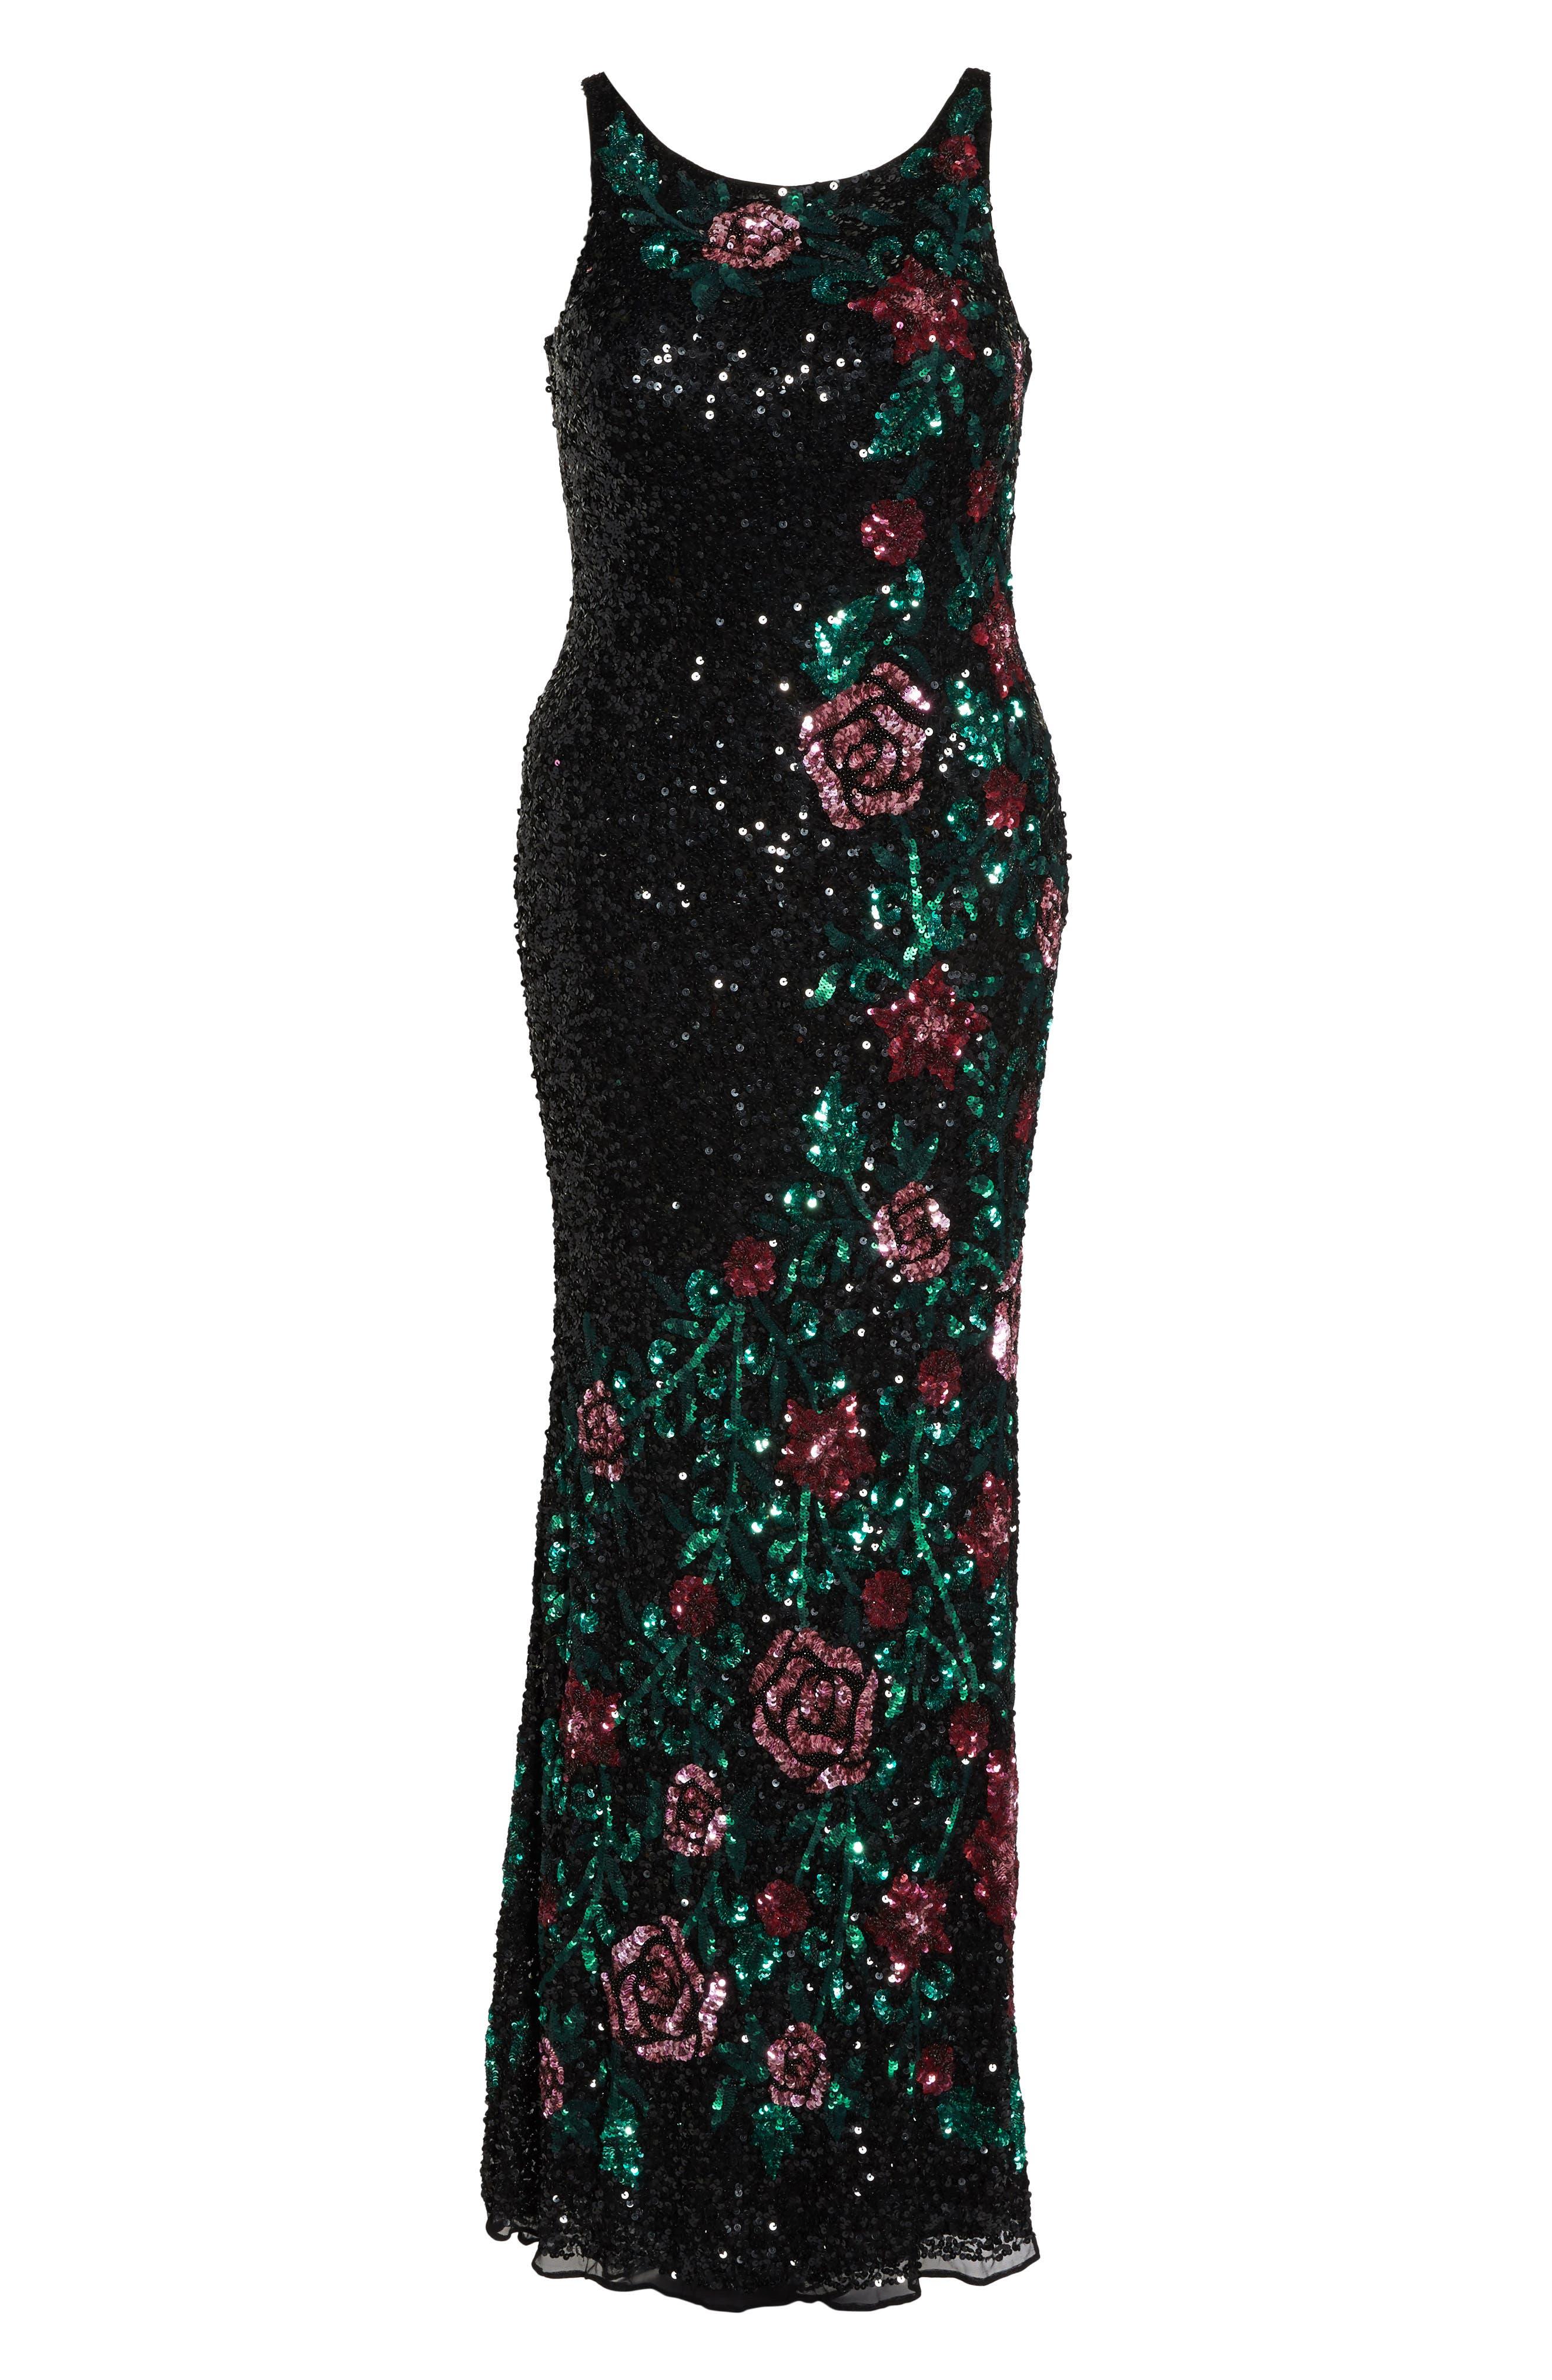 Floral Sequin A-Line Gown,                             Alternate thumbnail 6, color,                             Black/ Multi